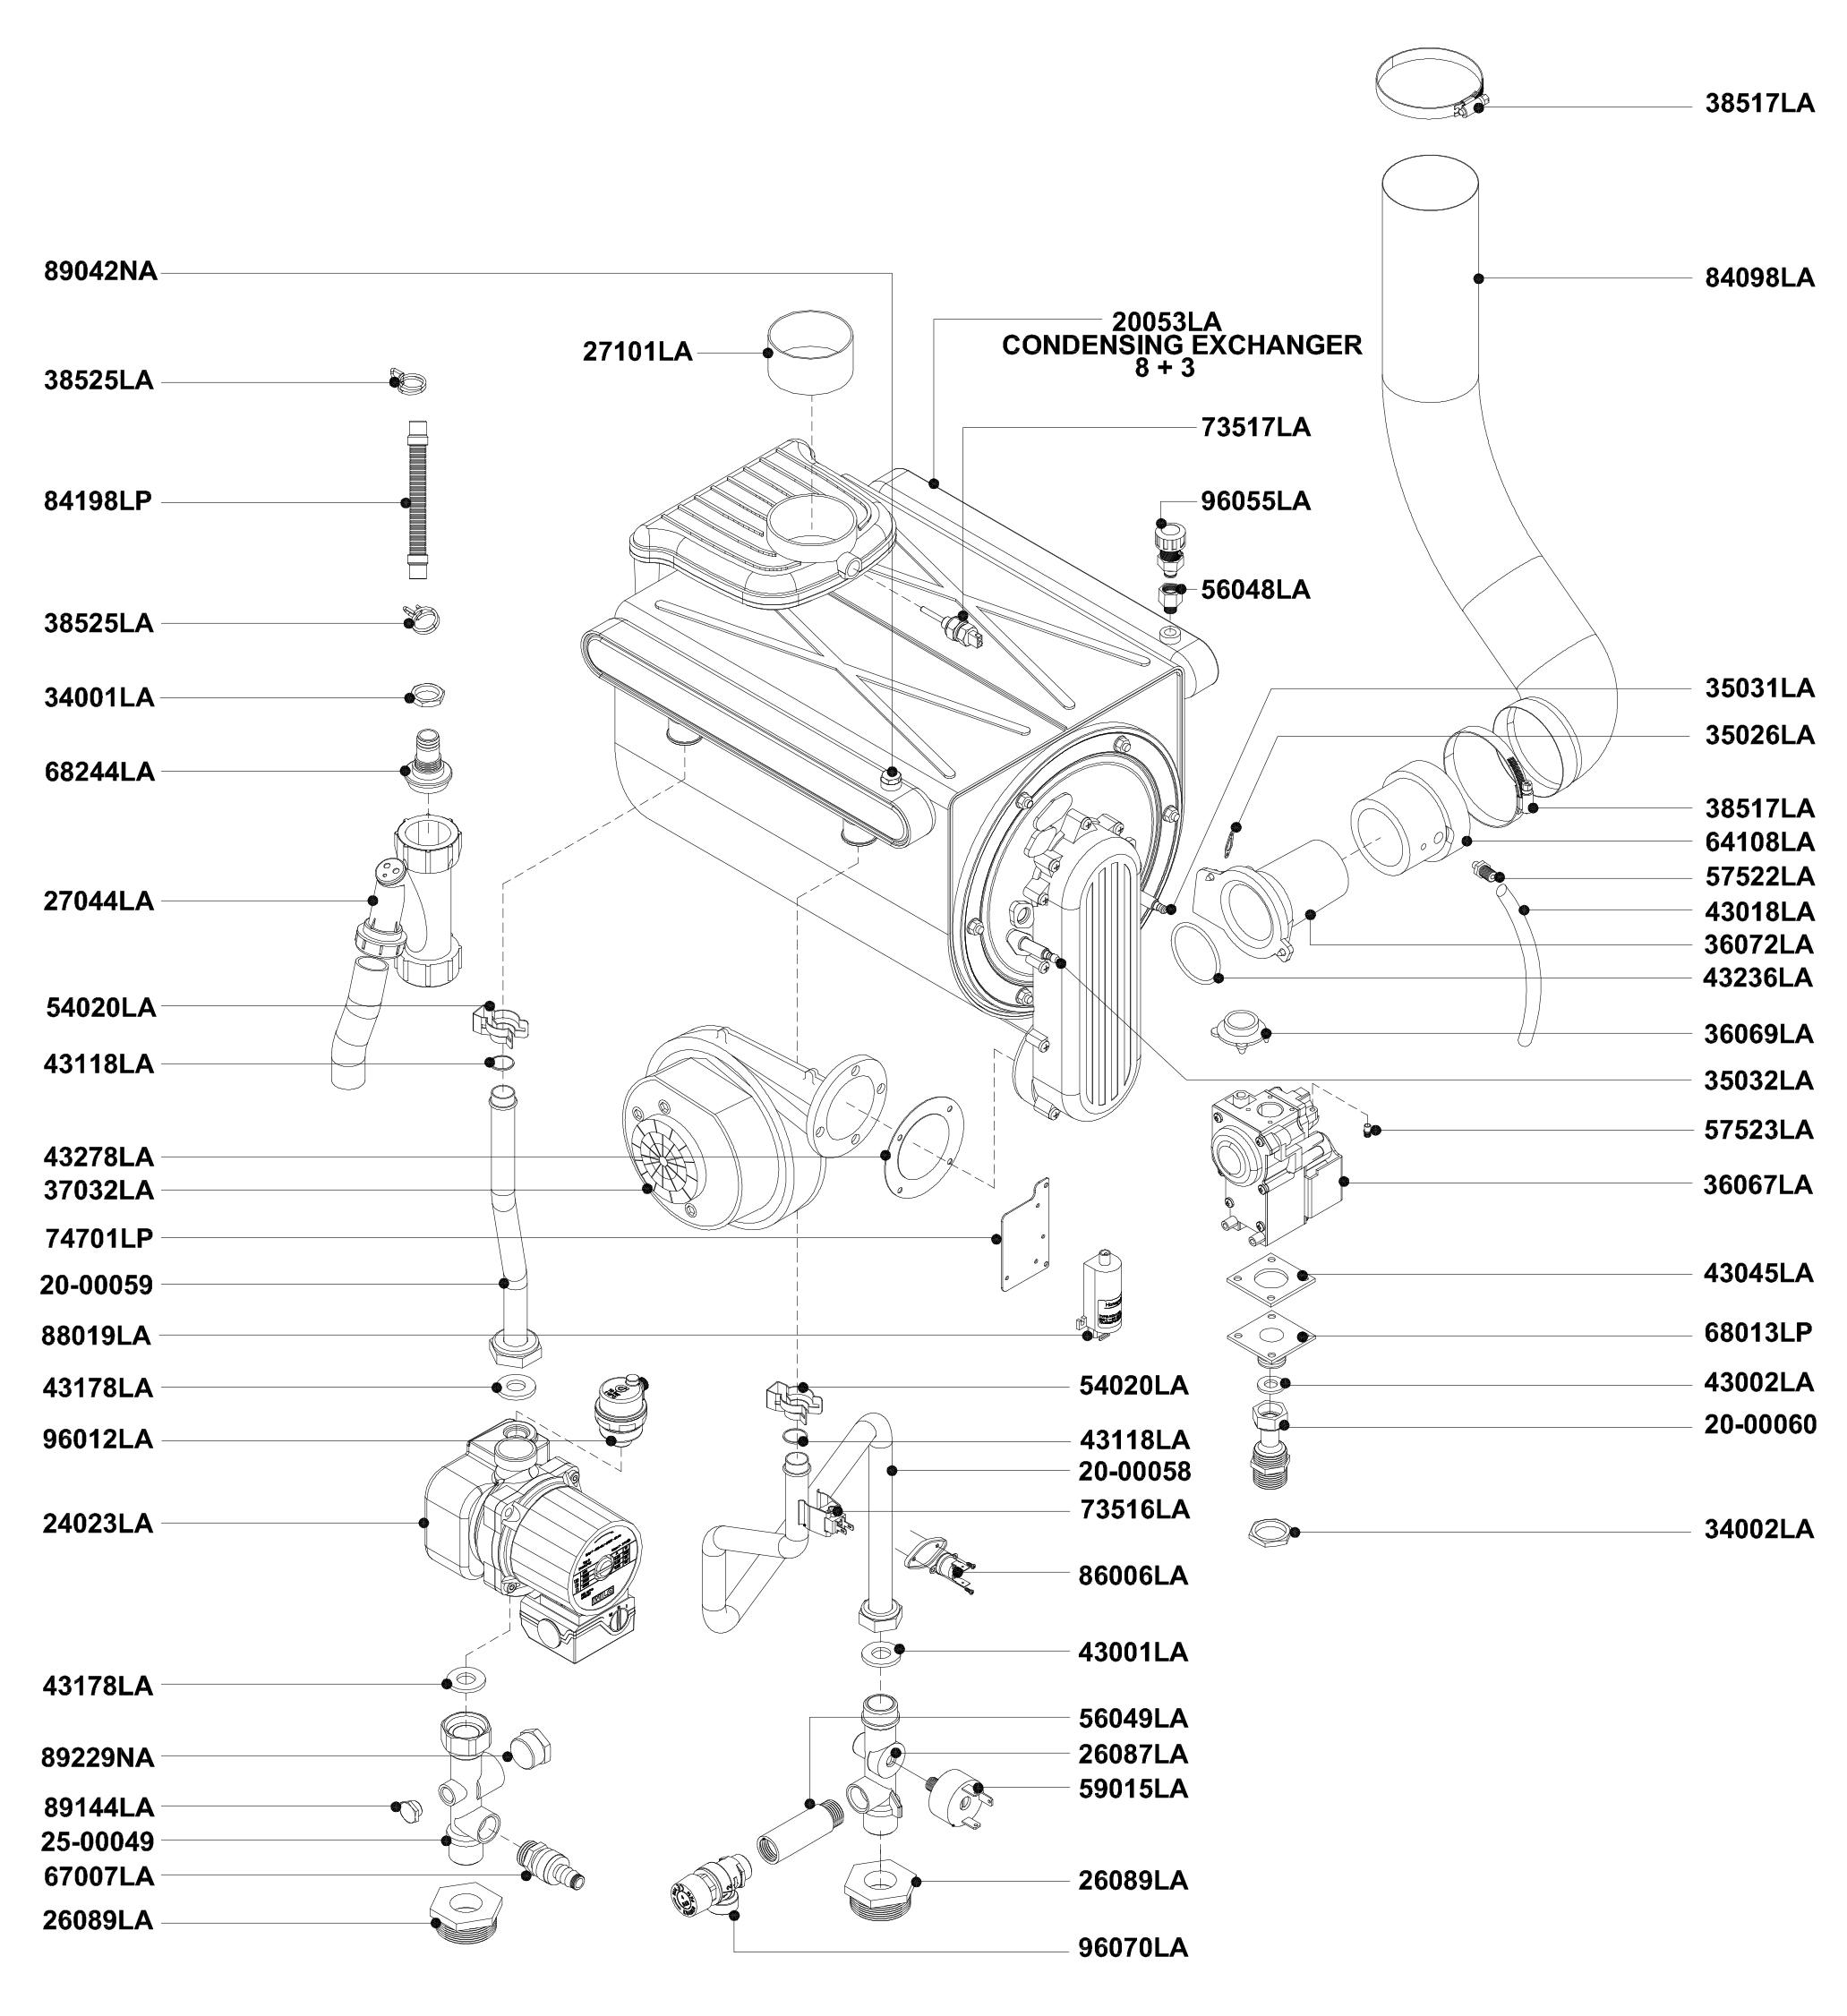 Теплообменник, циркуляционный насос, вентилятор котла АОГВ 50 ЗП 2010